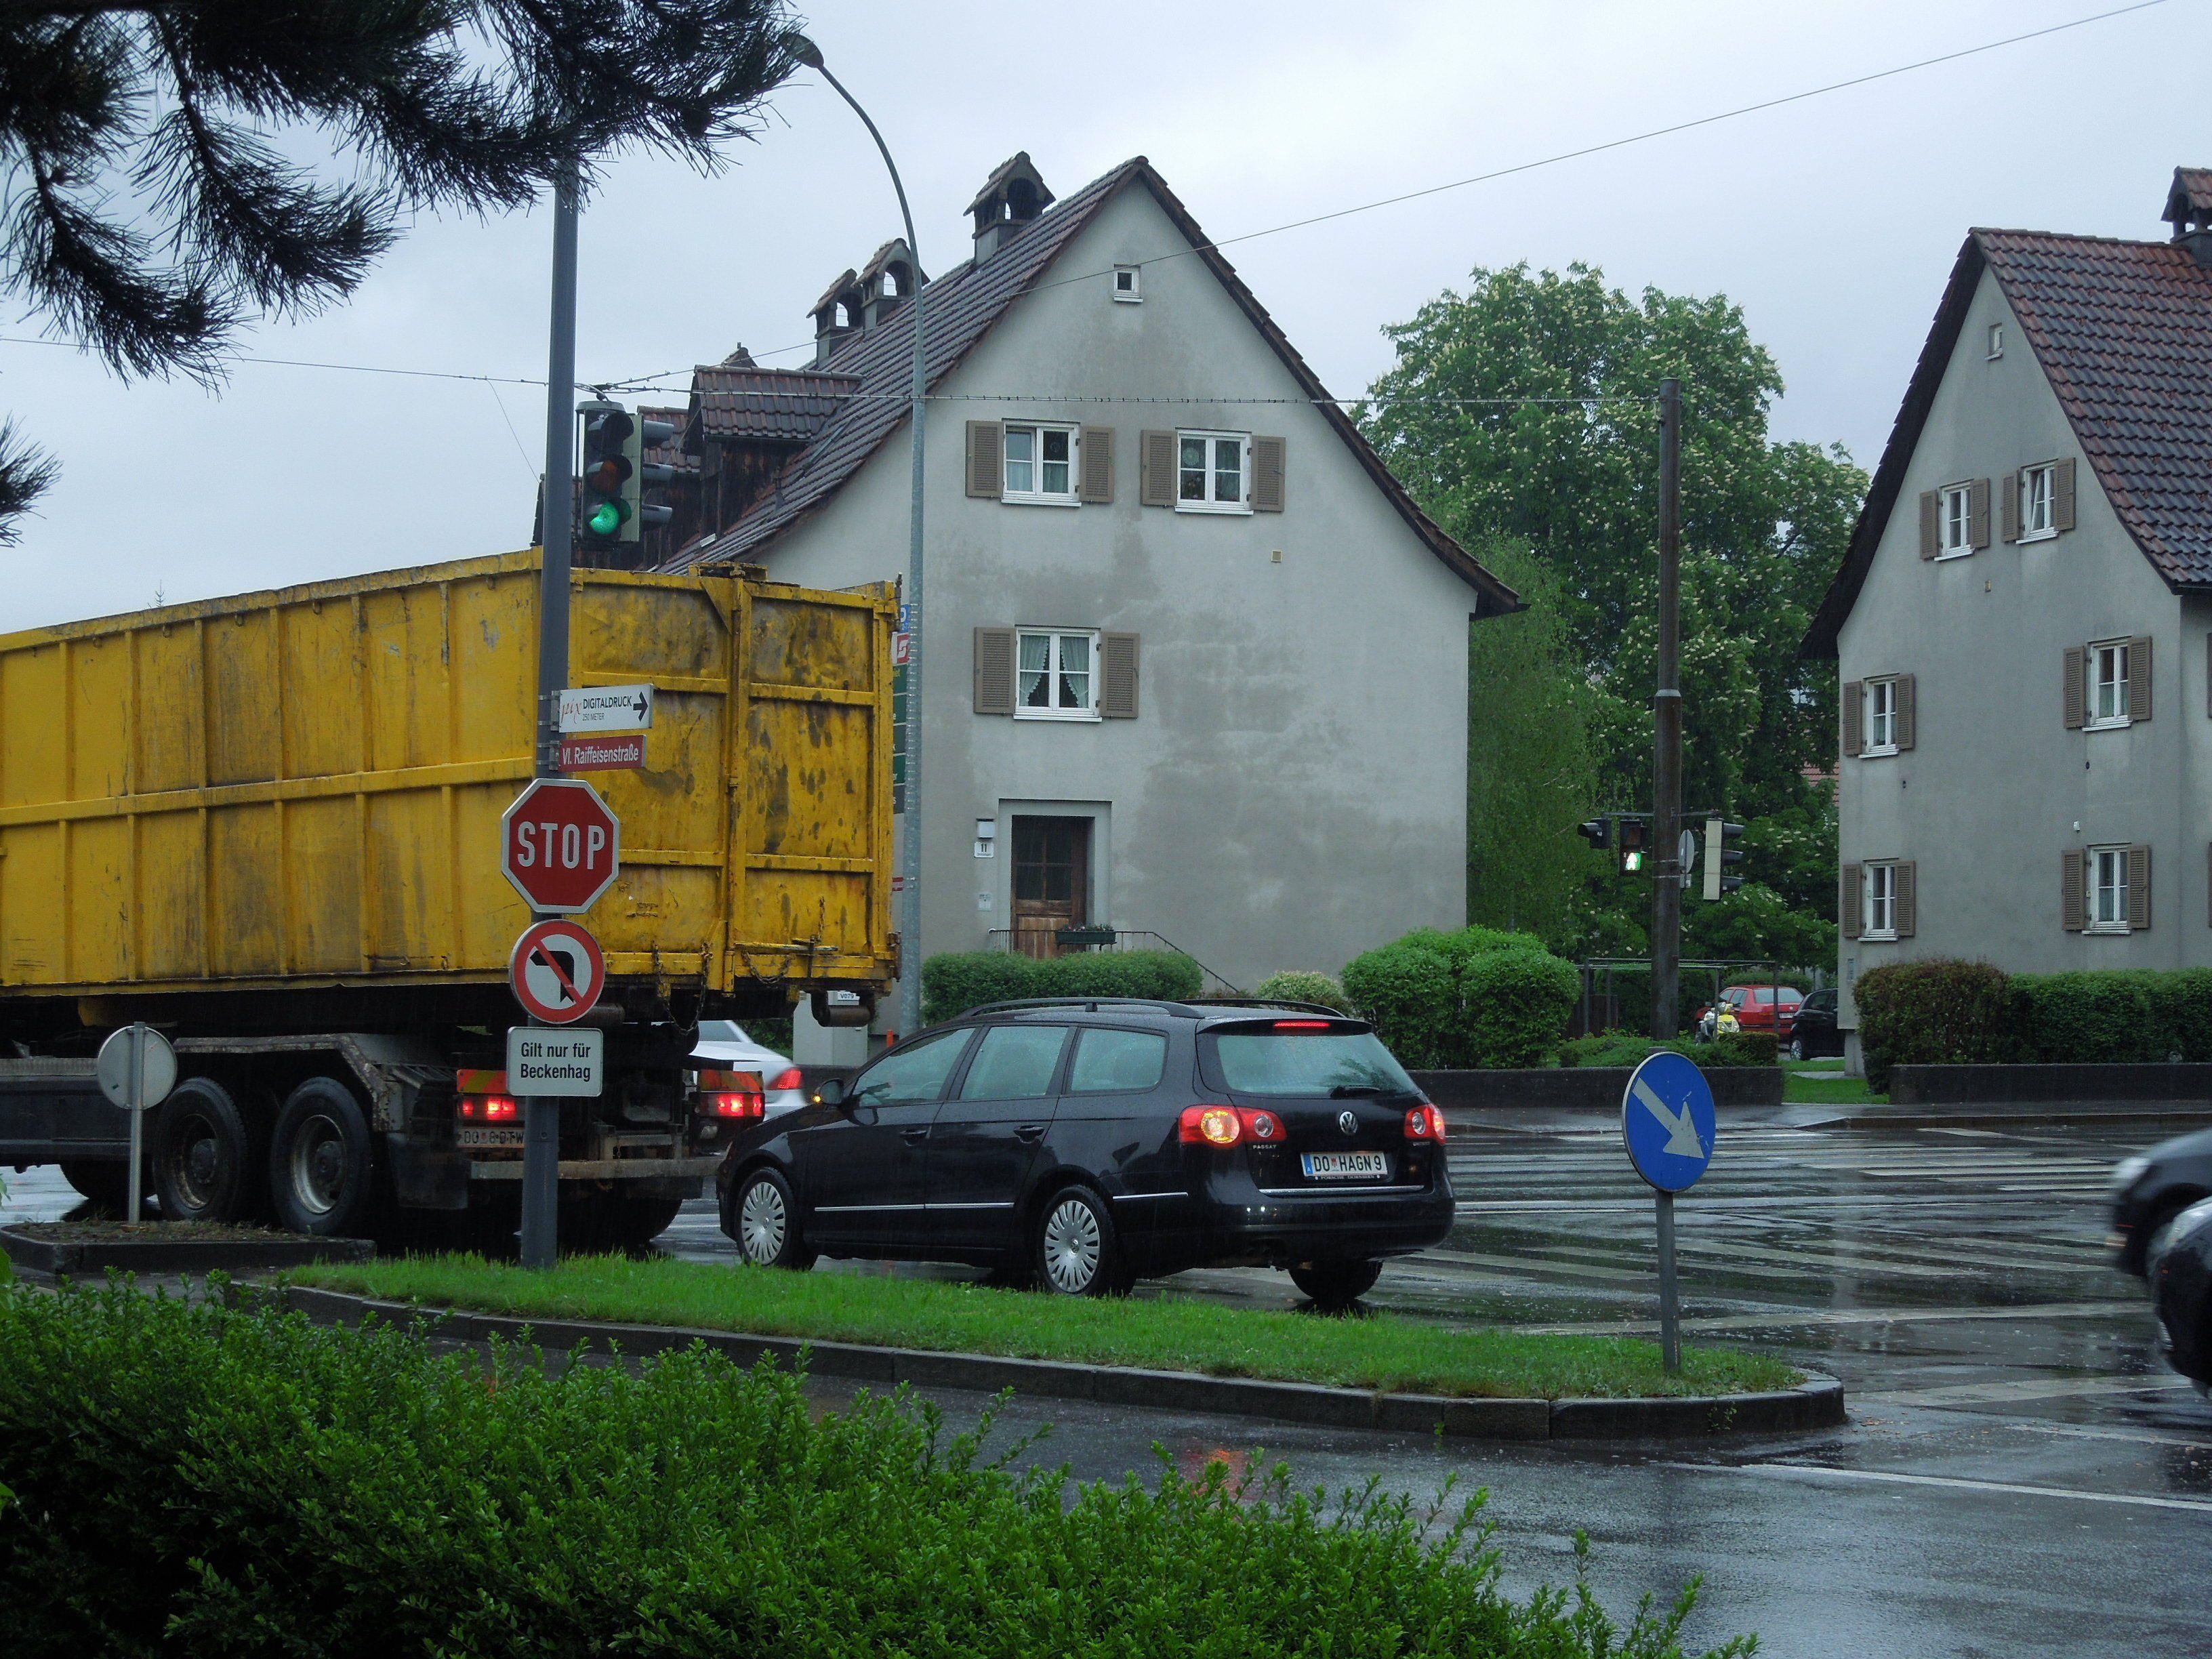 Die Grünphase dauert gerade so lange, dass fast immer nur 2 Autos auf die Lustenauerstraße abbiegen können.